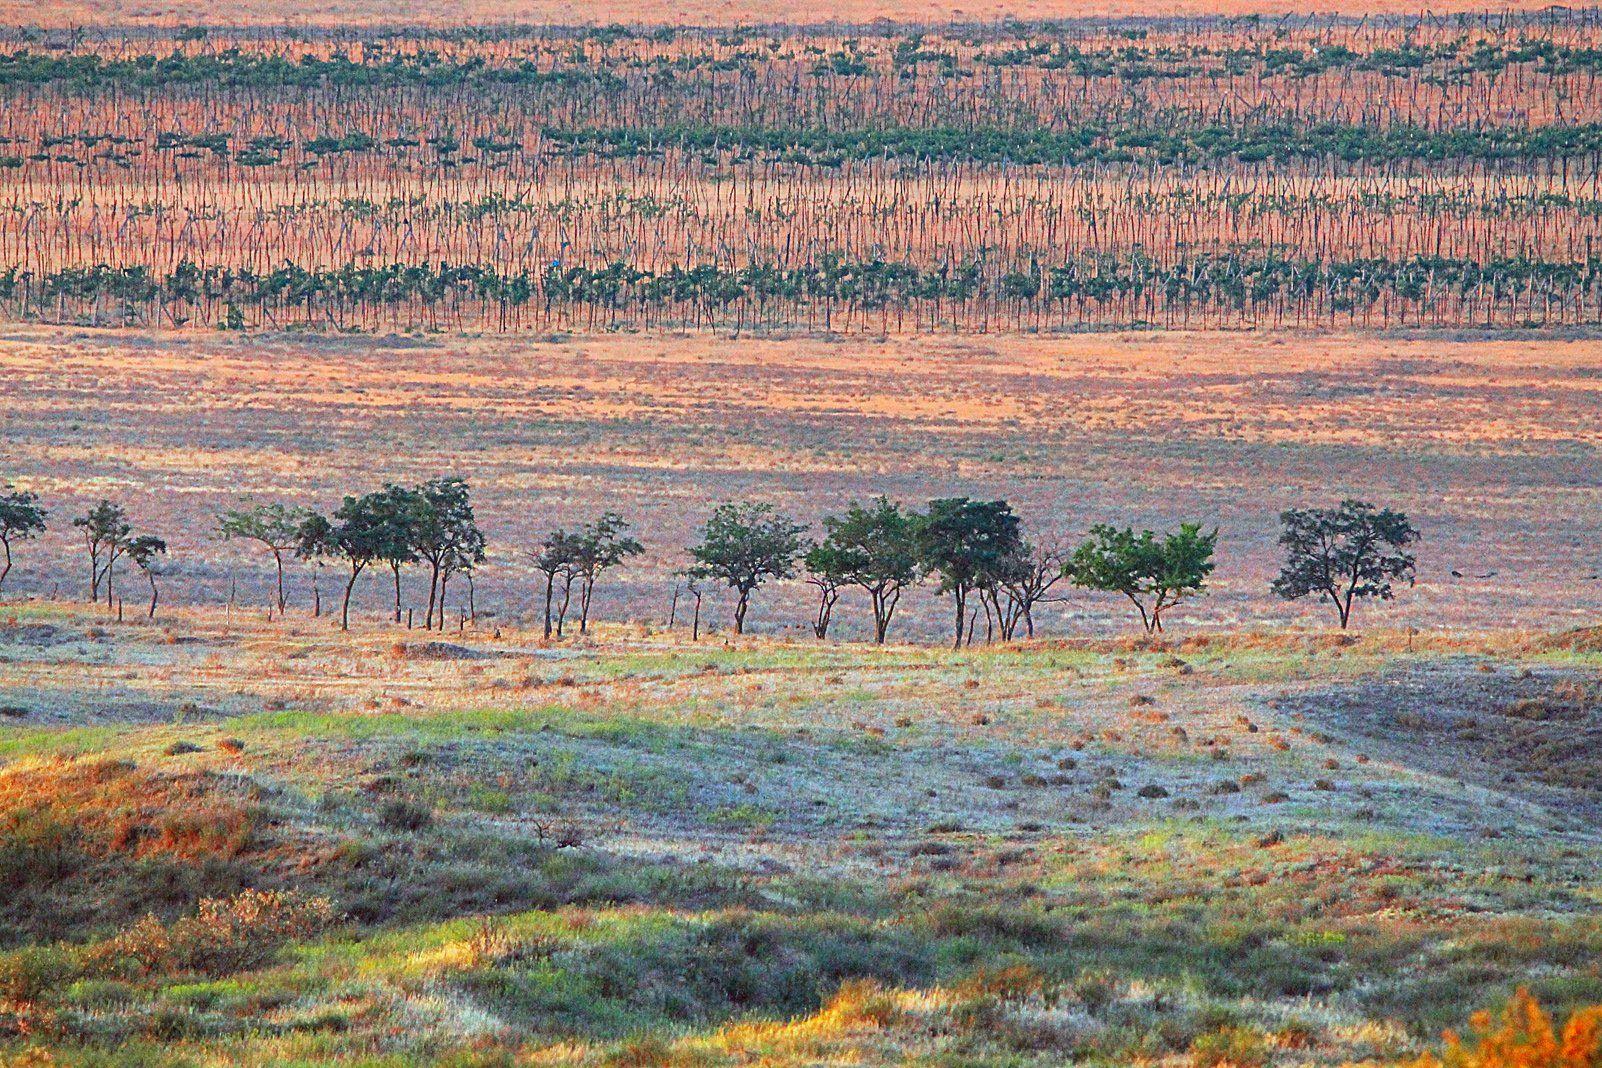 виноградник, поле.степь,пейзаж,дагестан., Magov Marat